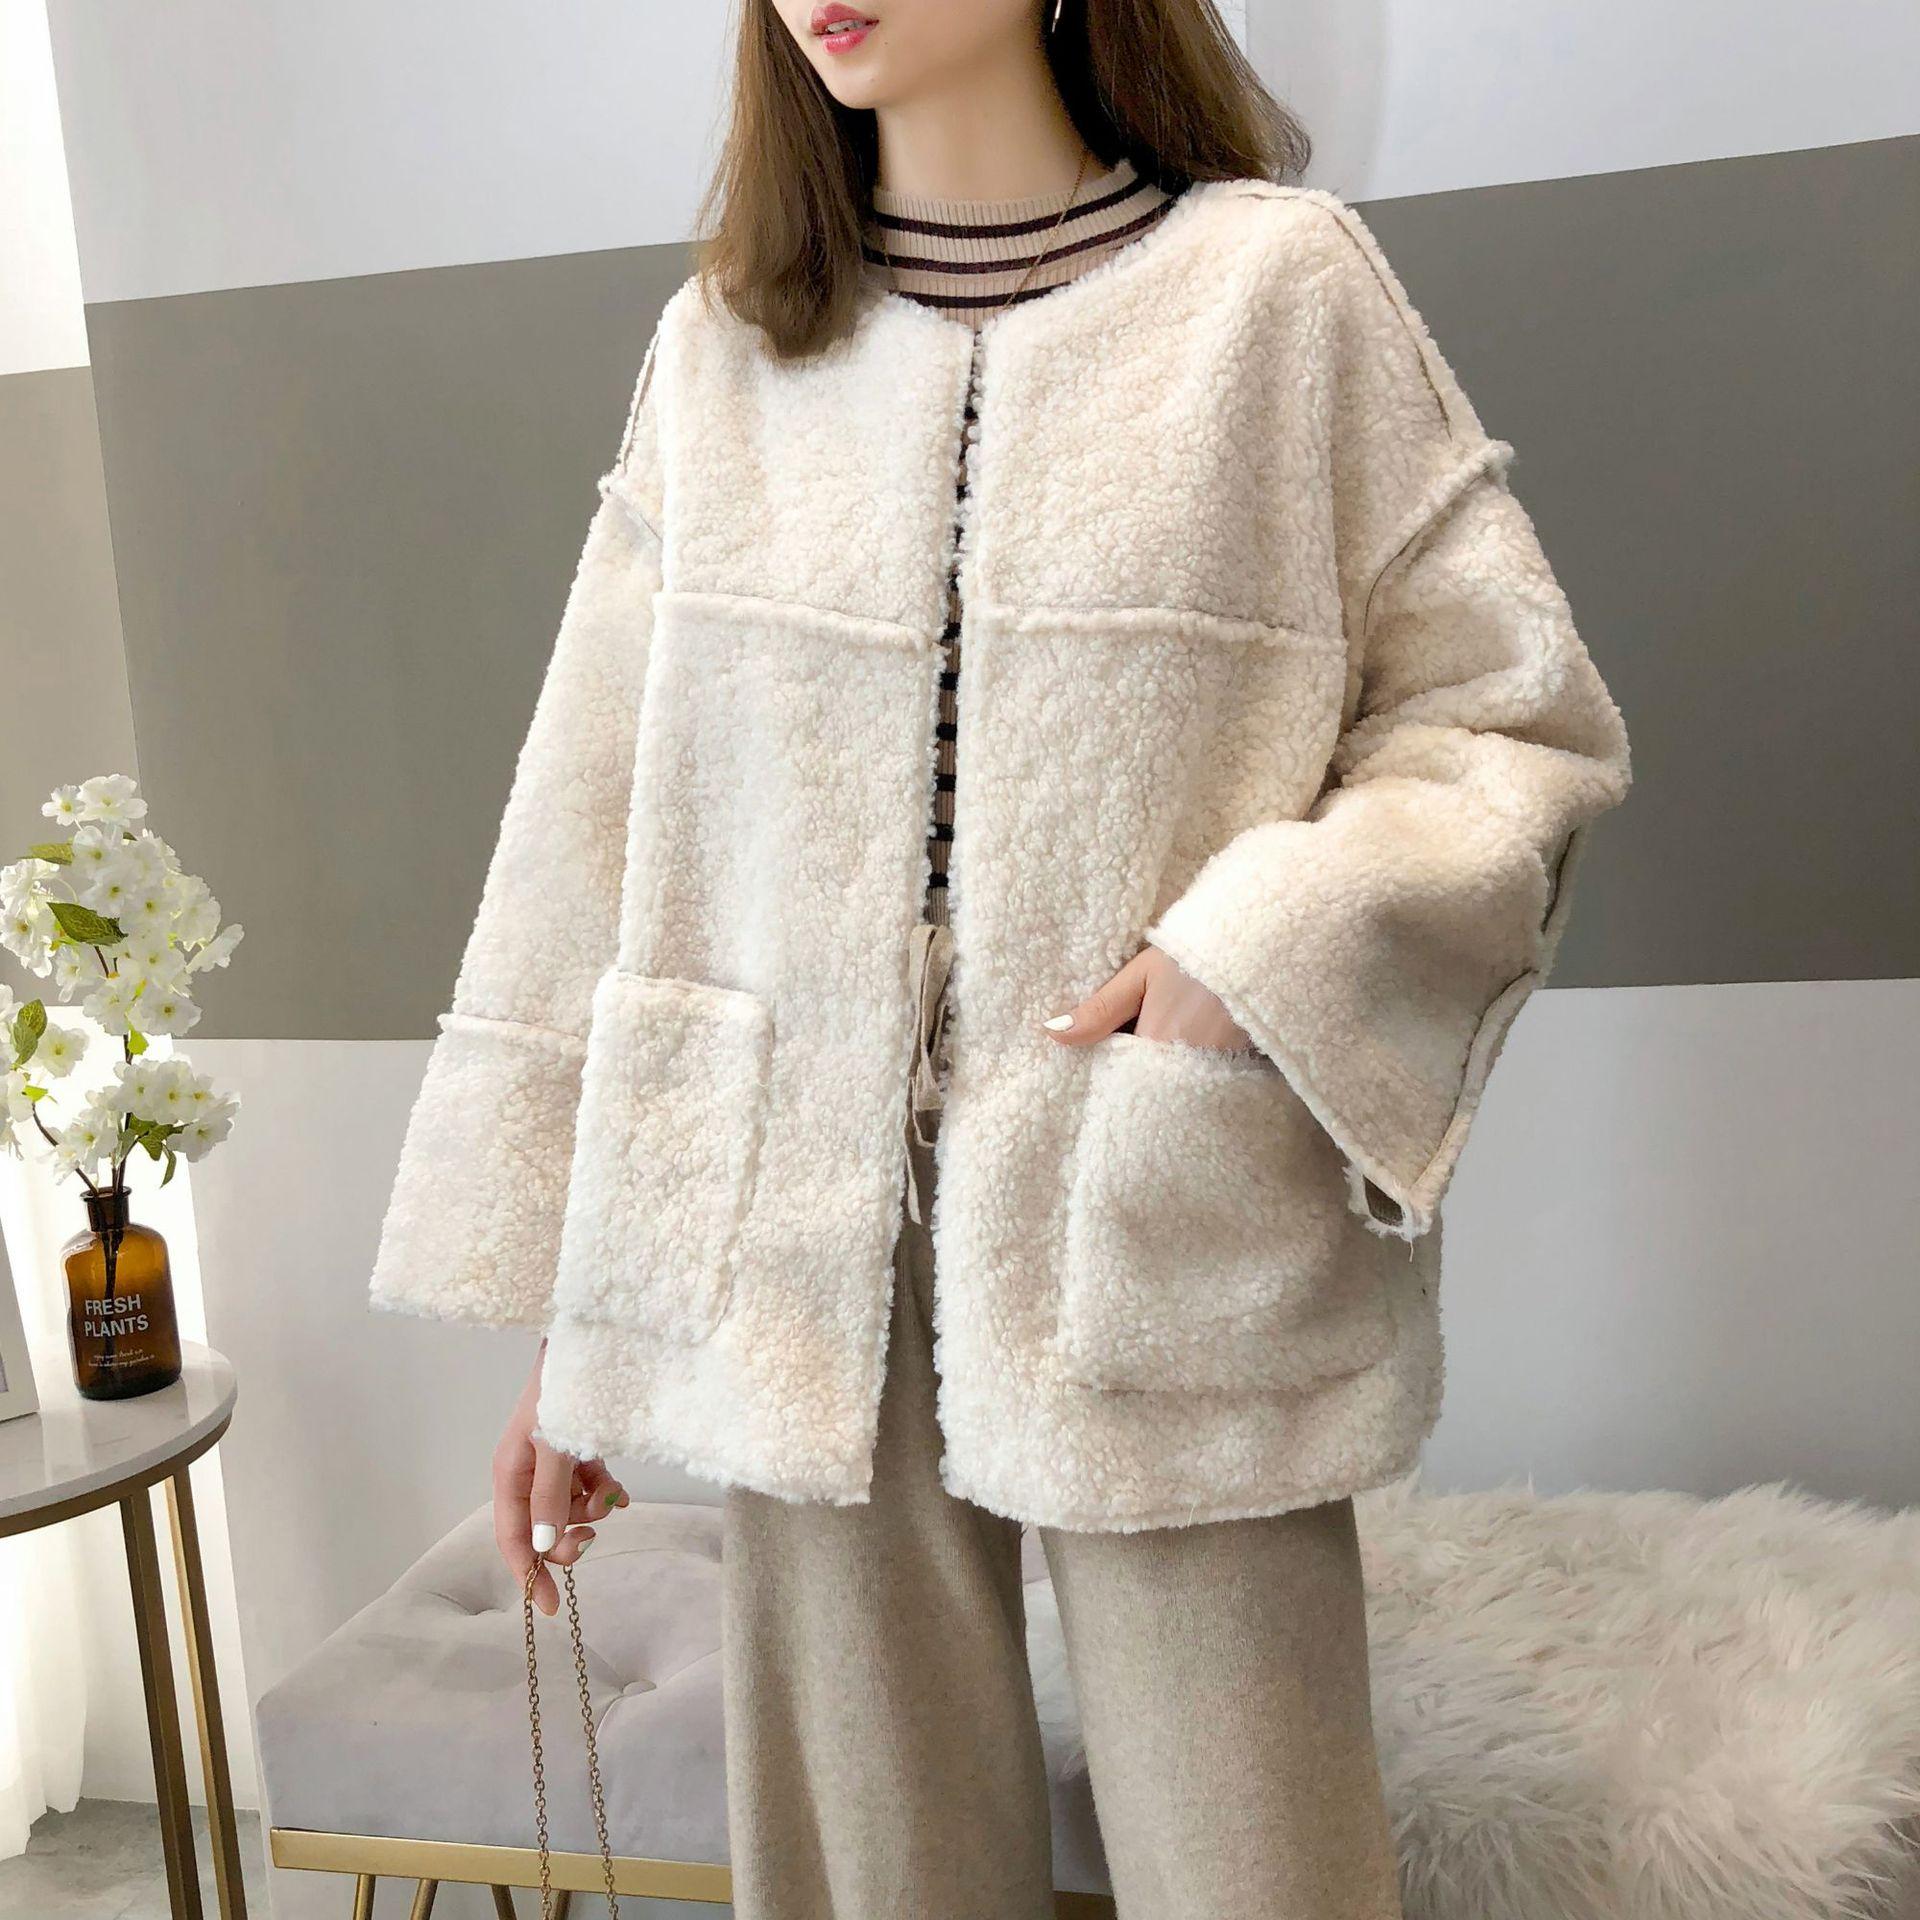 Elegant Faux Fur Woolen Coat Women Fashion Autumn Winter Warm Soft  Fur Jacket Female Plush Overcoat Pocket Casual Teddy Outwear недорого